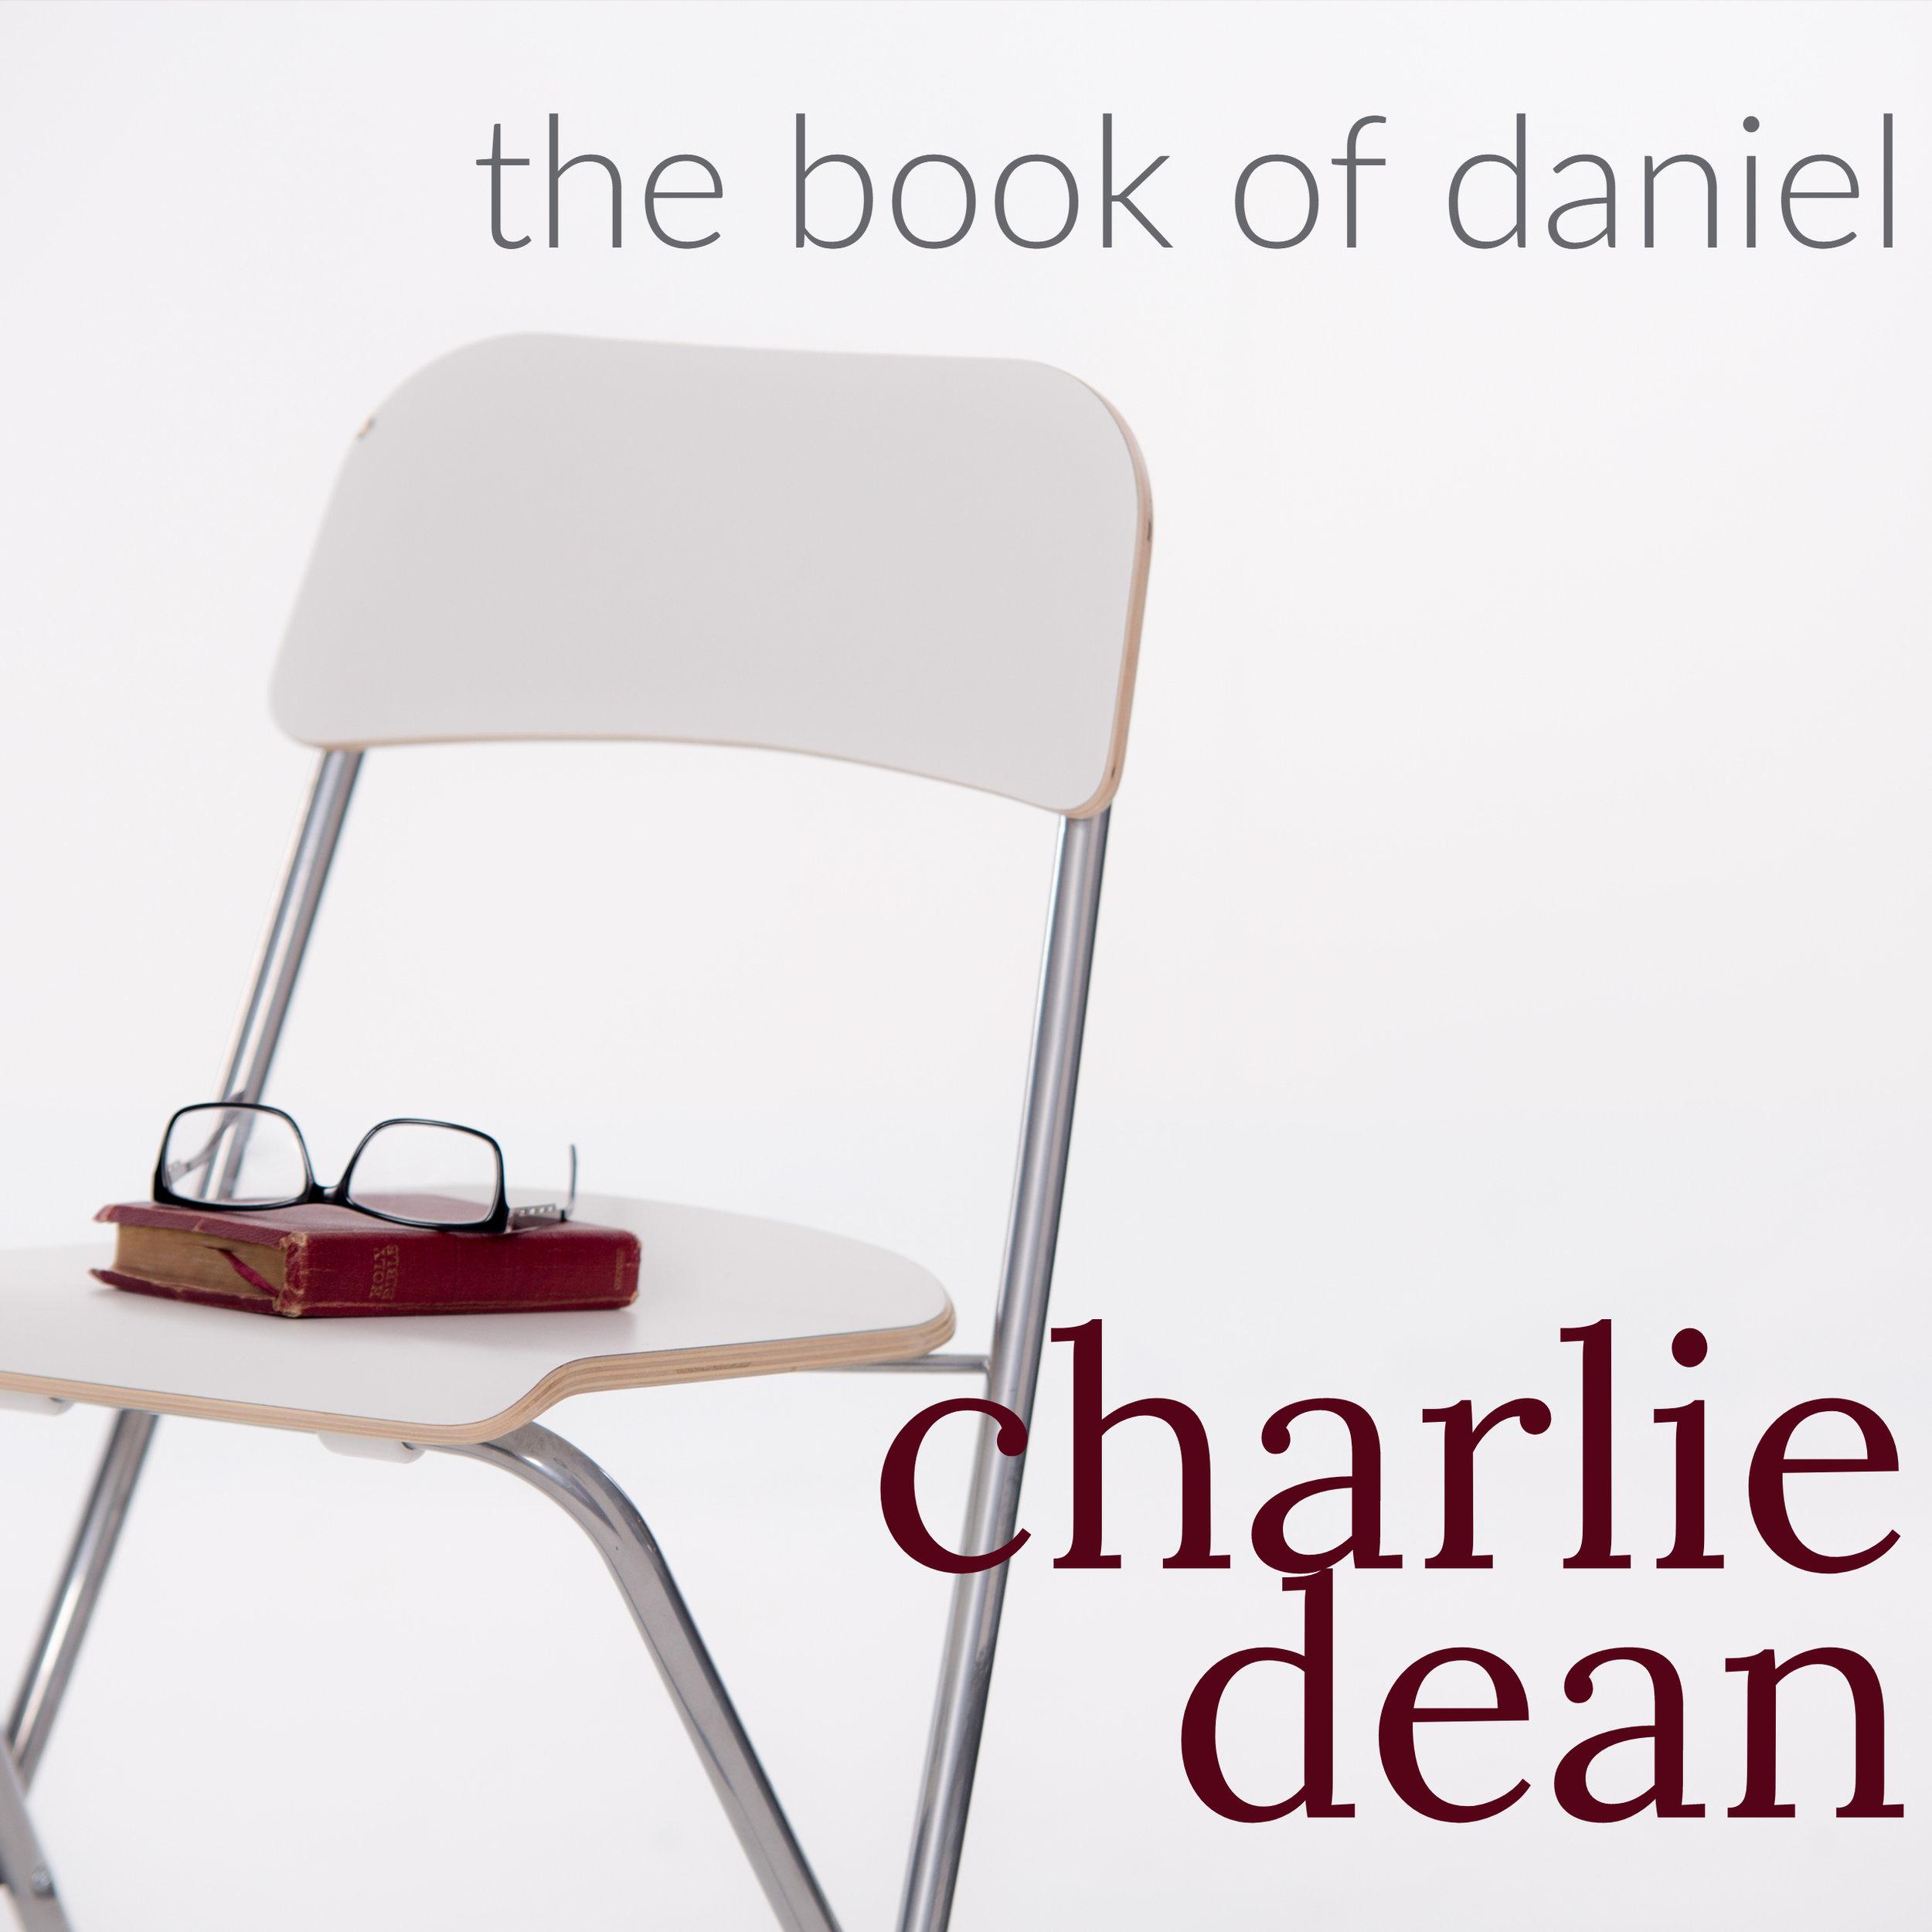 the book of daniel.jpg